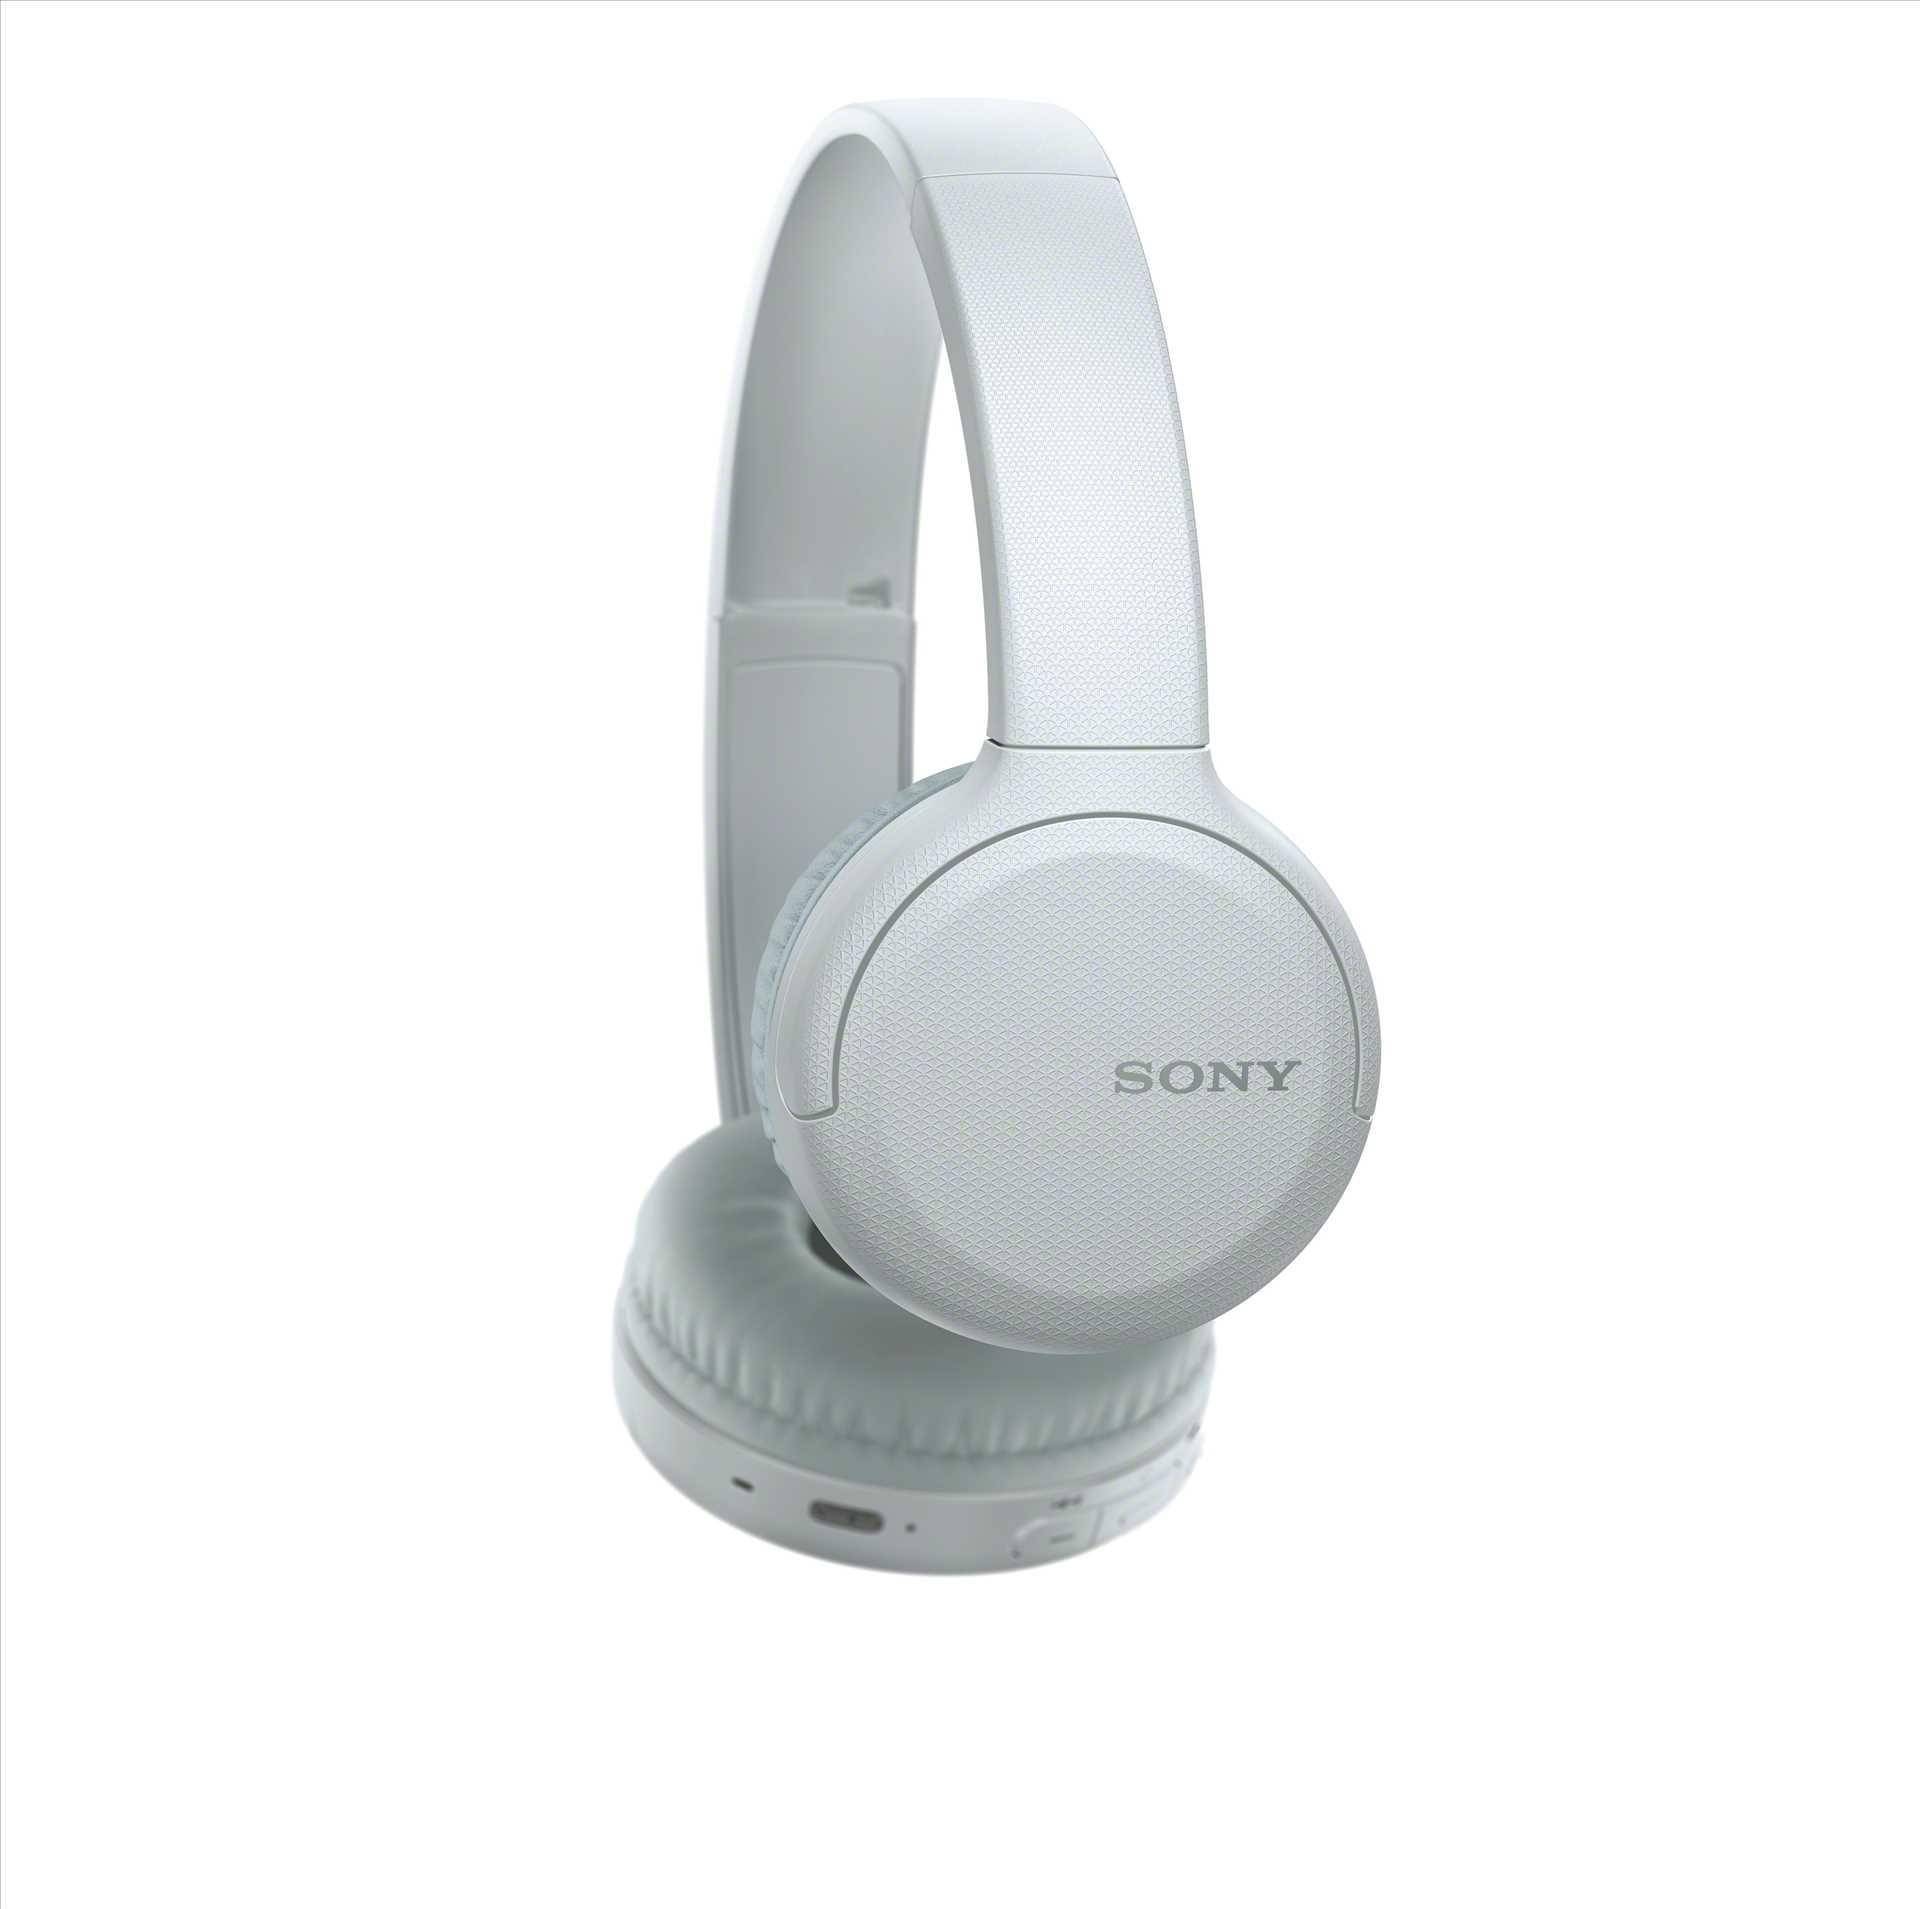 אוזניות Sony WH-CH510W Bluetooth סוני - תמונה 2